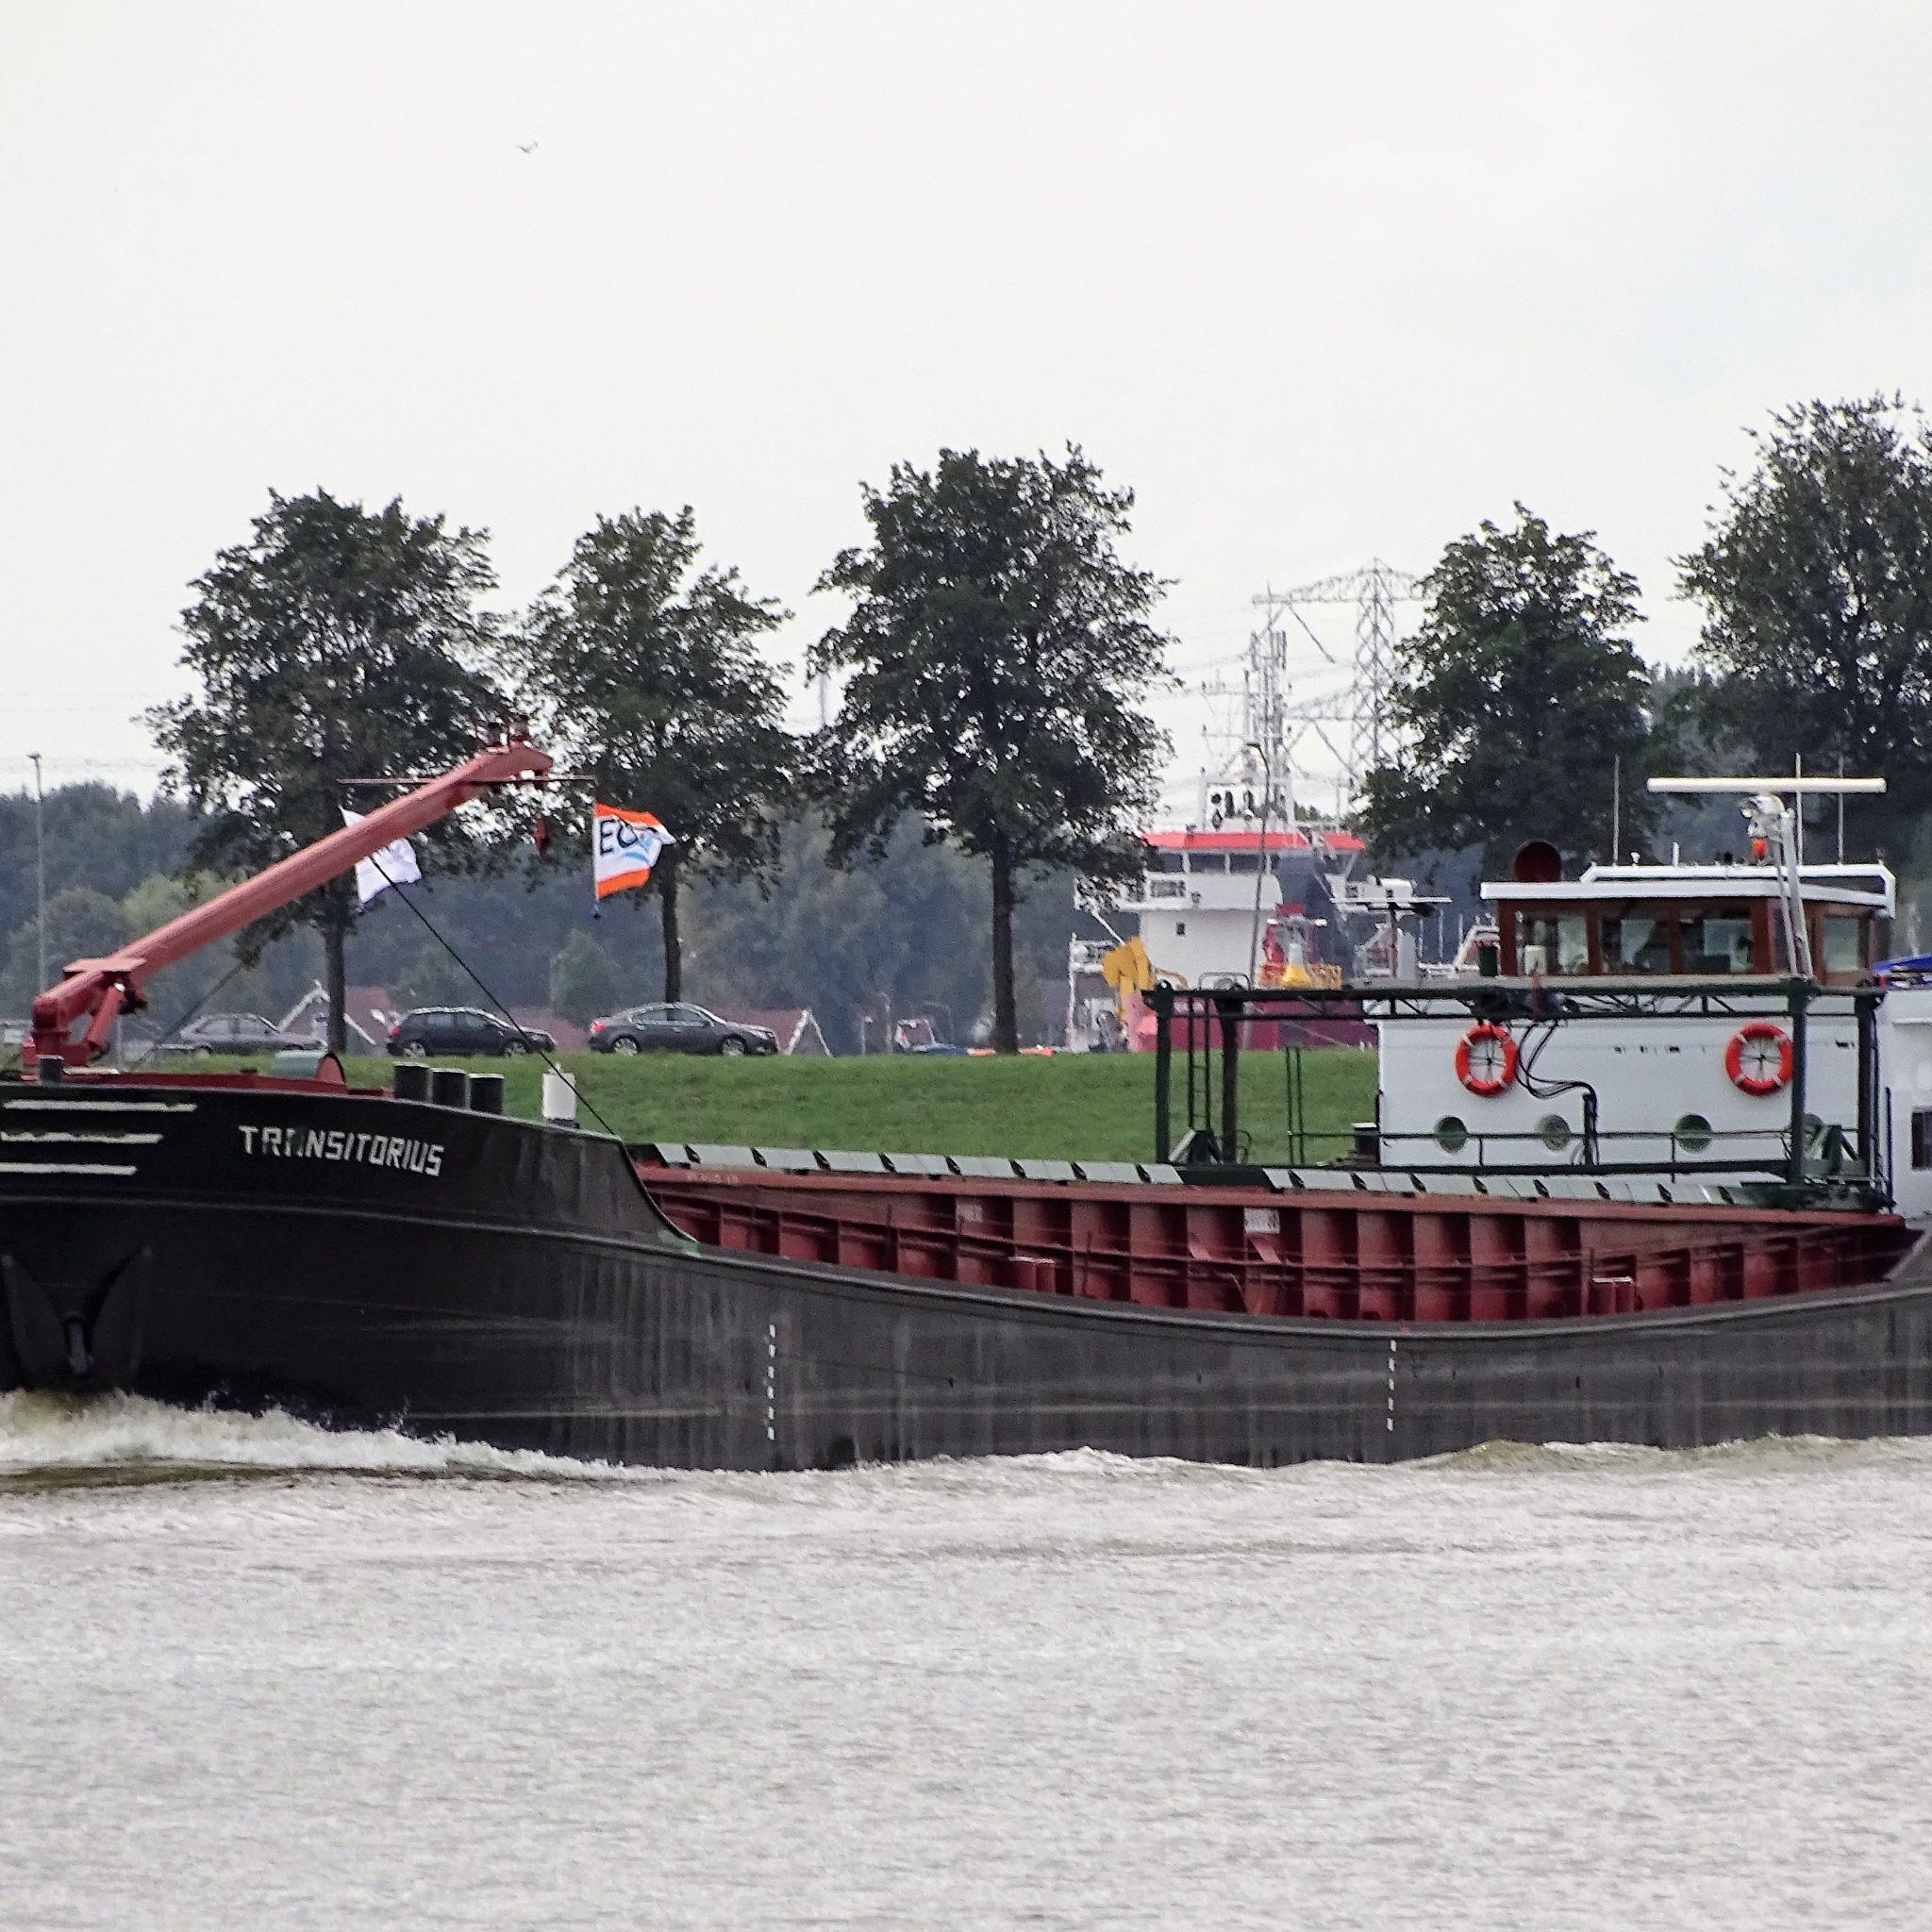 De Transitorius uit 1967 is gesloopt in Kampen. (Foto D. Henken)